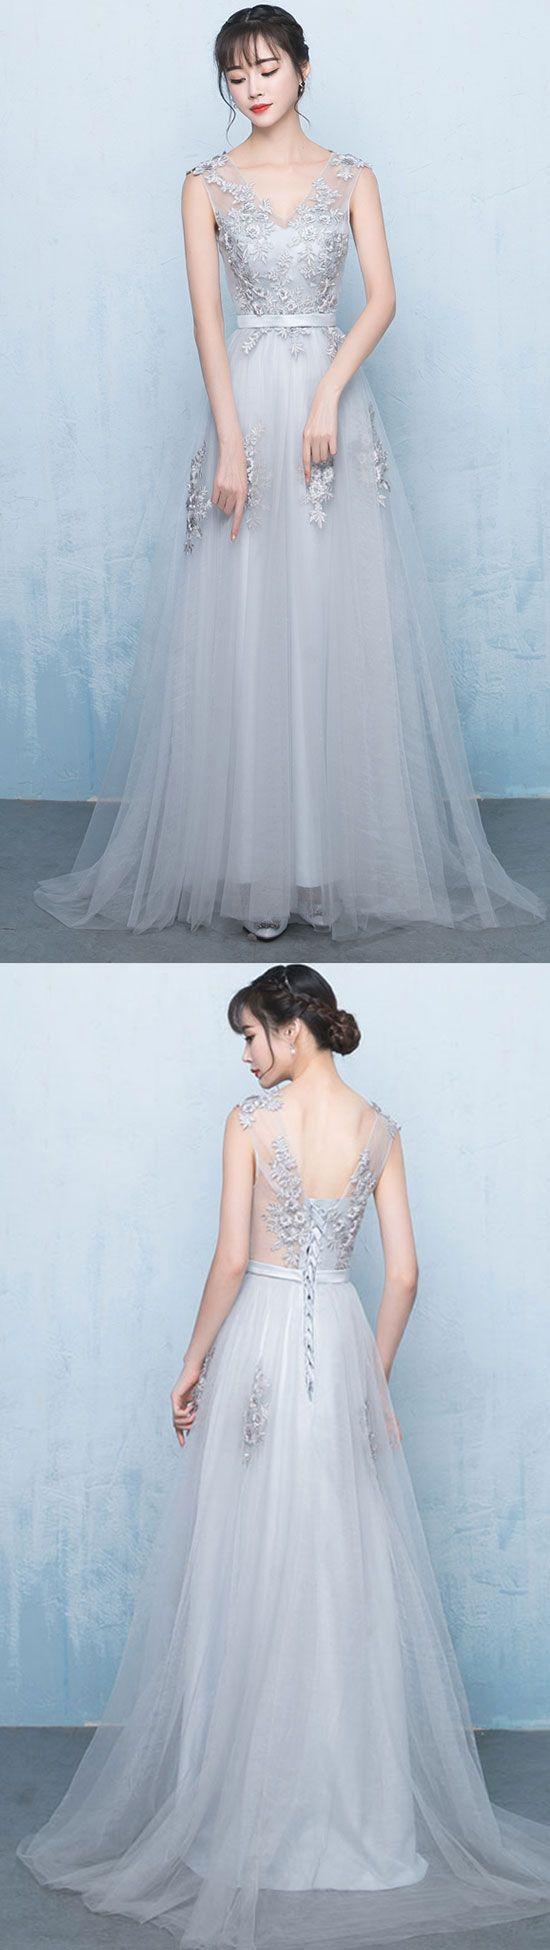 Mejores 165 imágenes de vestido mujer en Pinterest | Vestidos ...